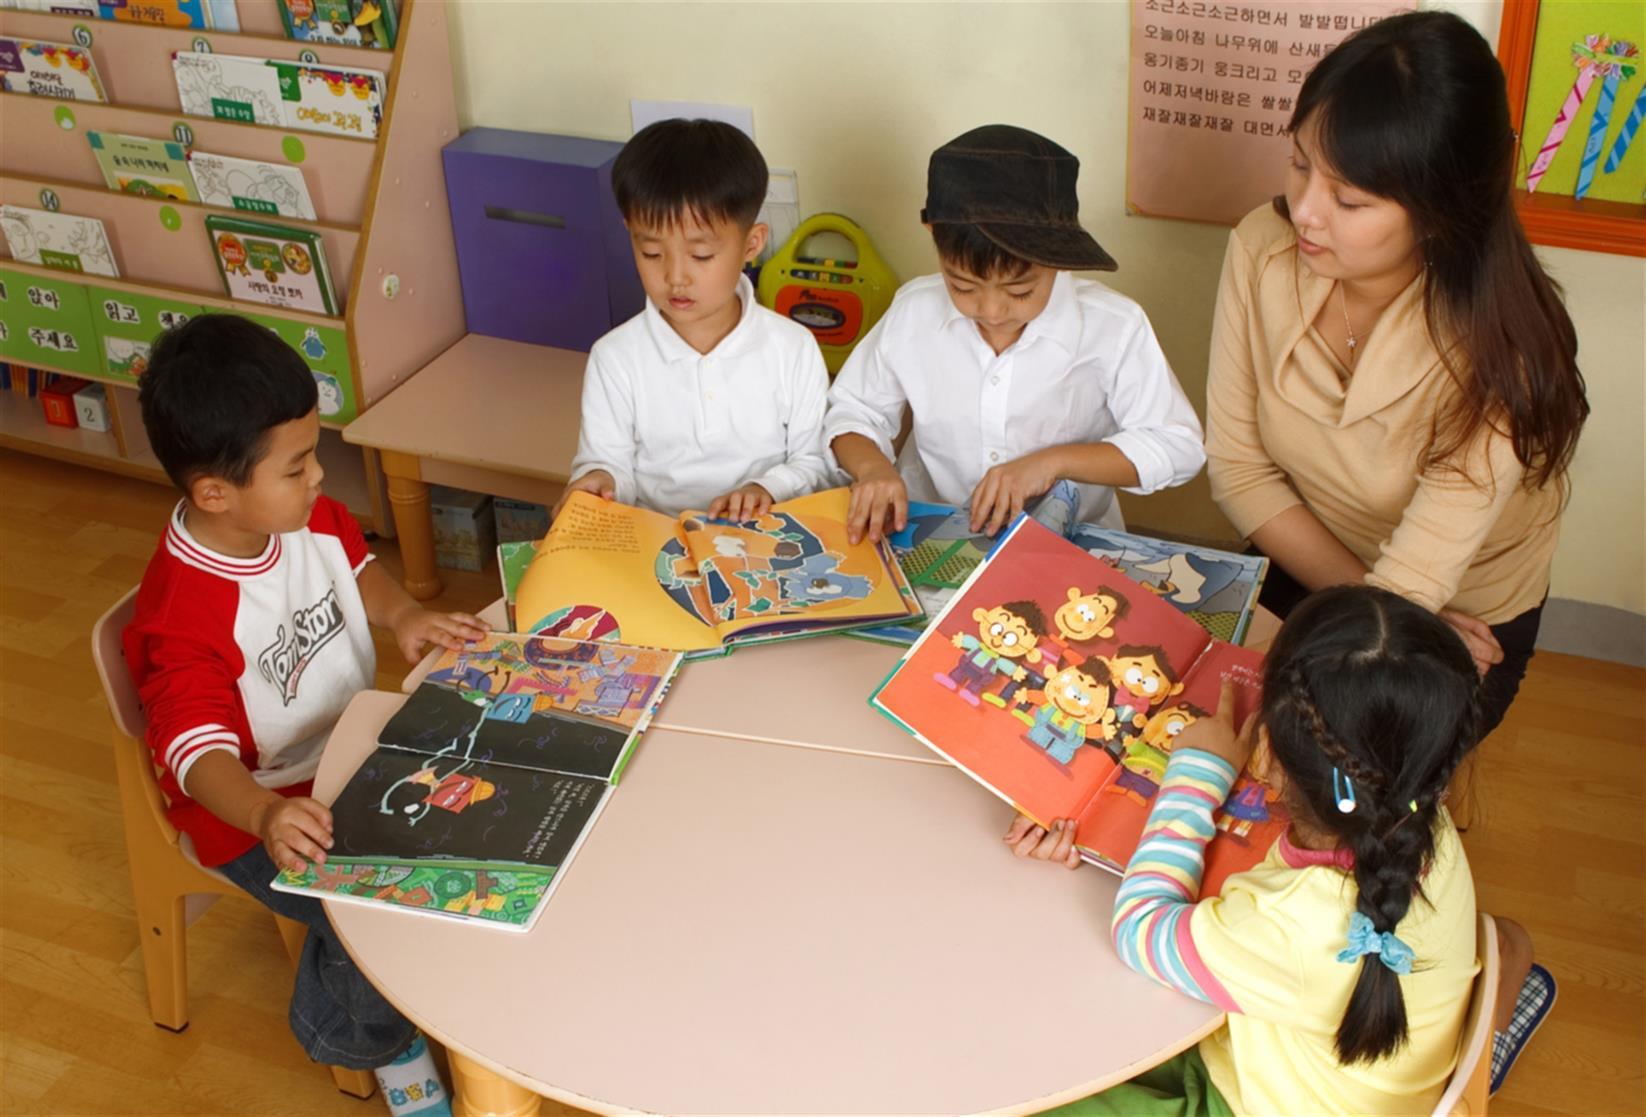 广安五级保育员资格培训多久拿证 全国通用